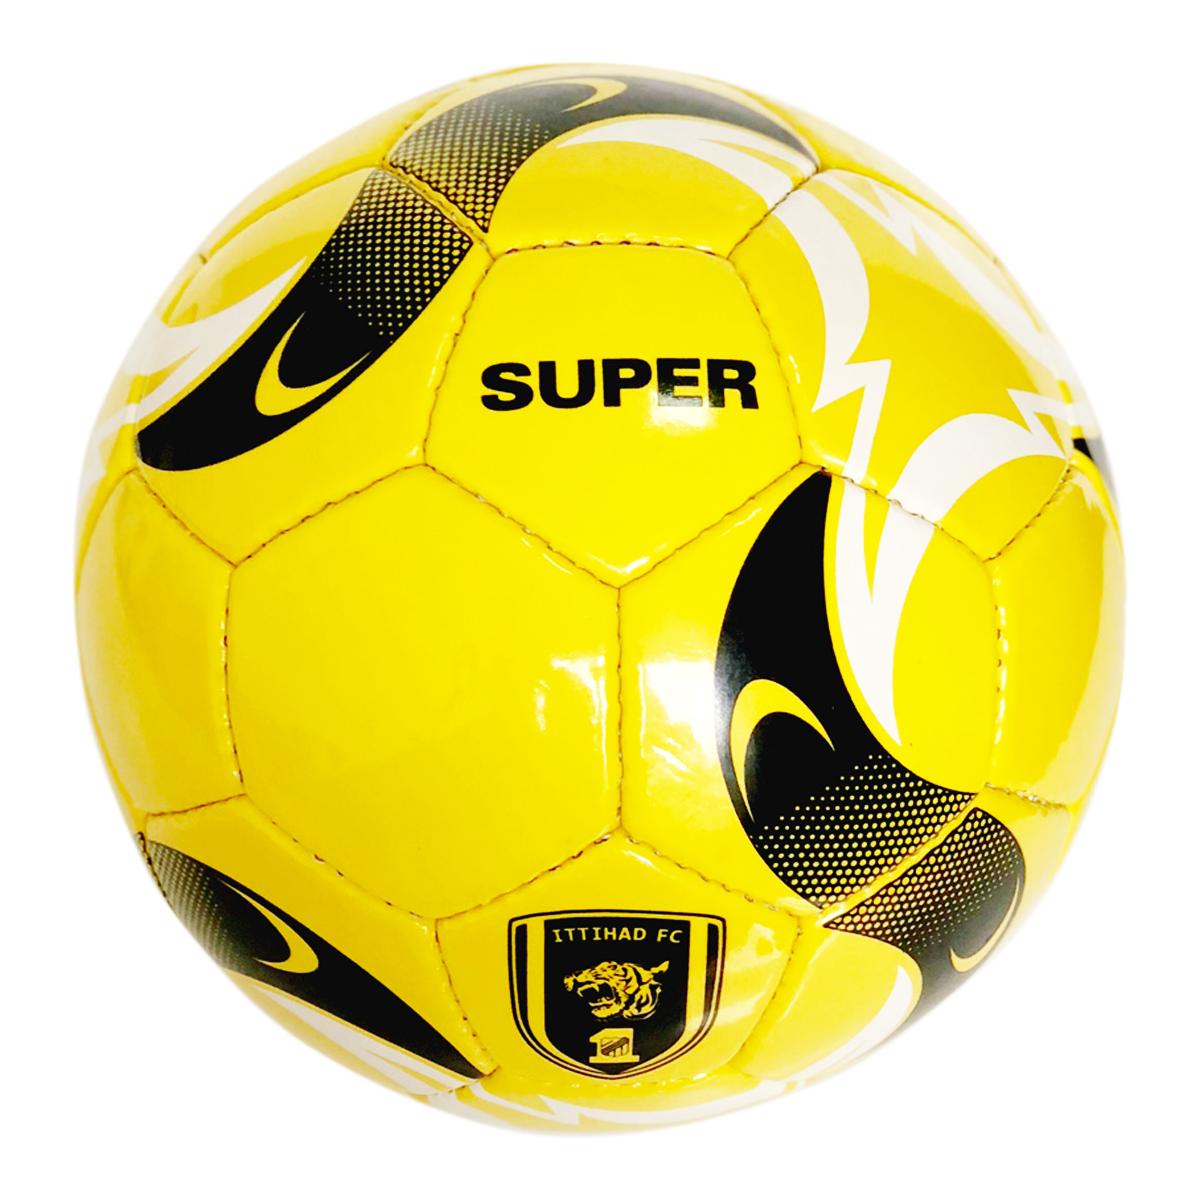 М'яч футбольний Super Yellow (Size 5)